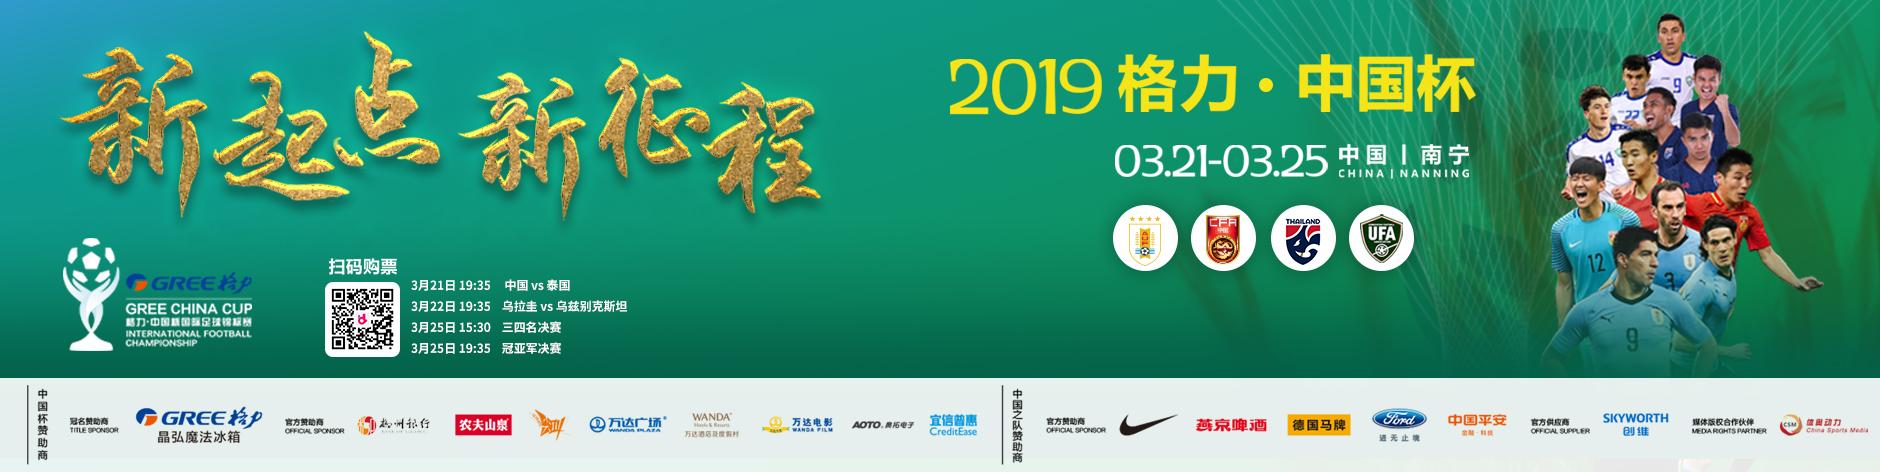 2019格力·中国杯国际足球锦标赛